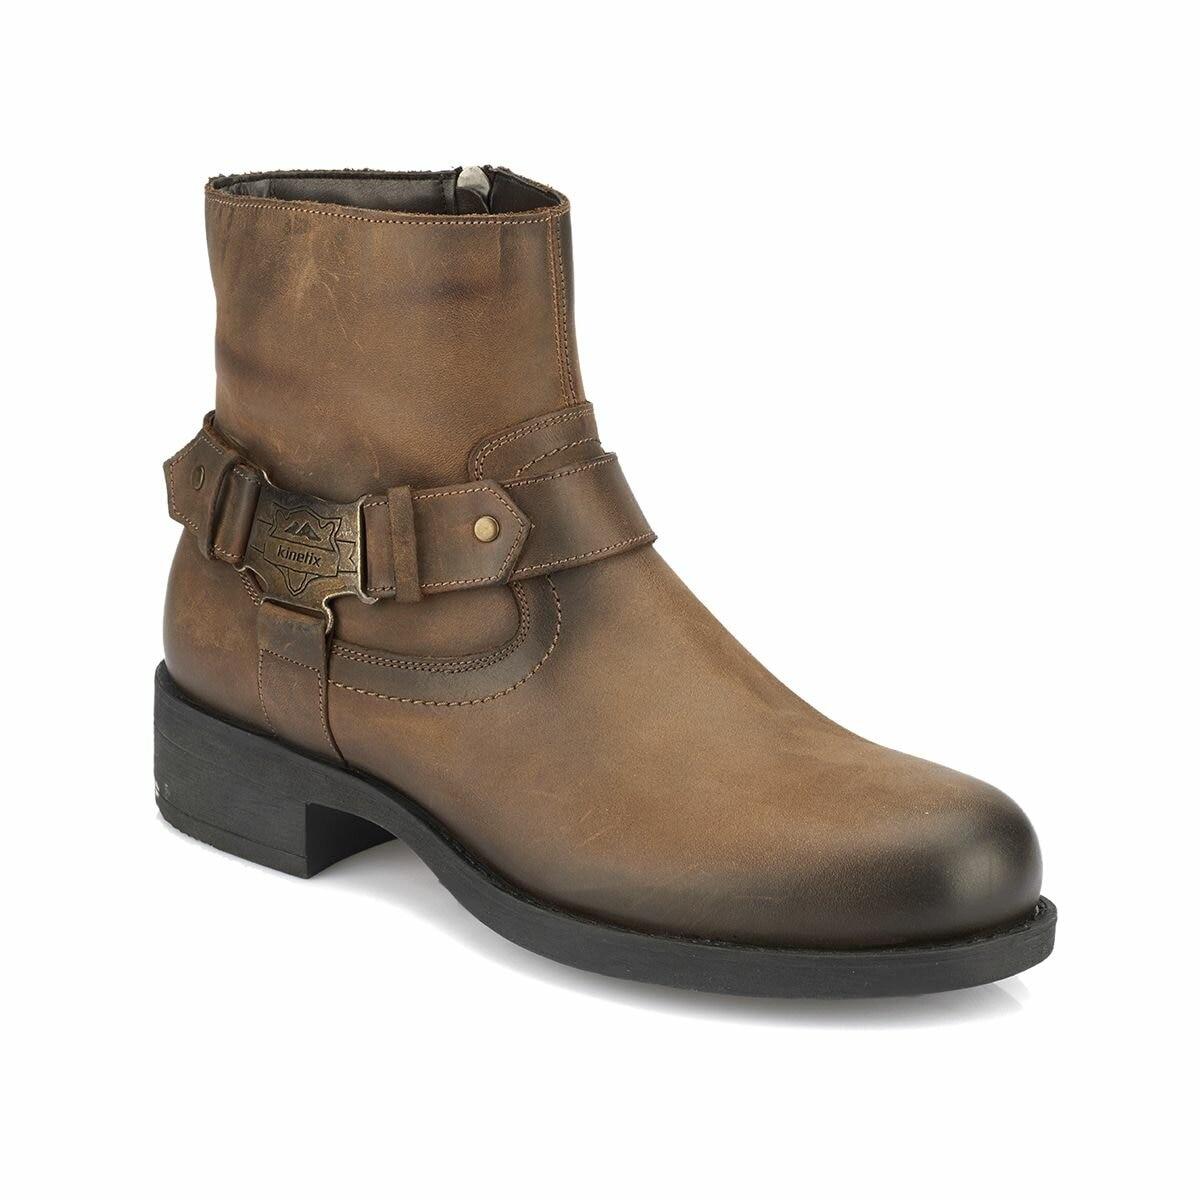 FLO KREON Sand Color Men Boots KINETIX